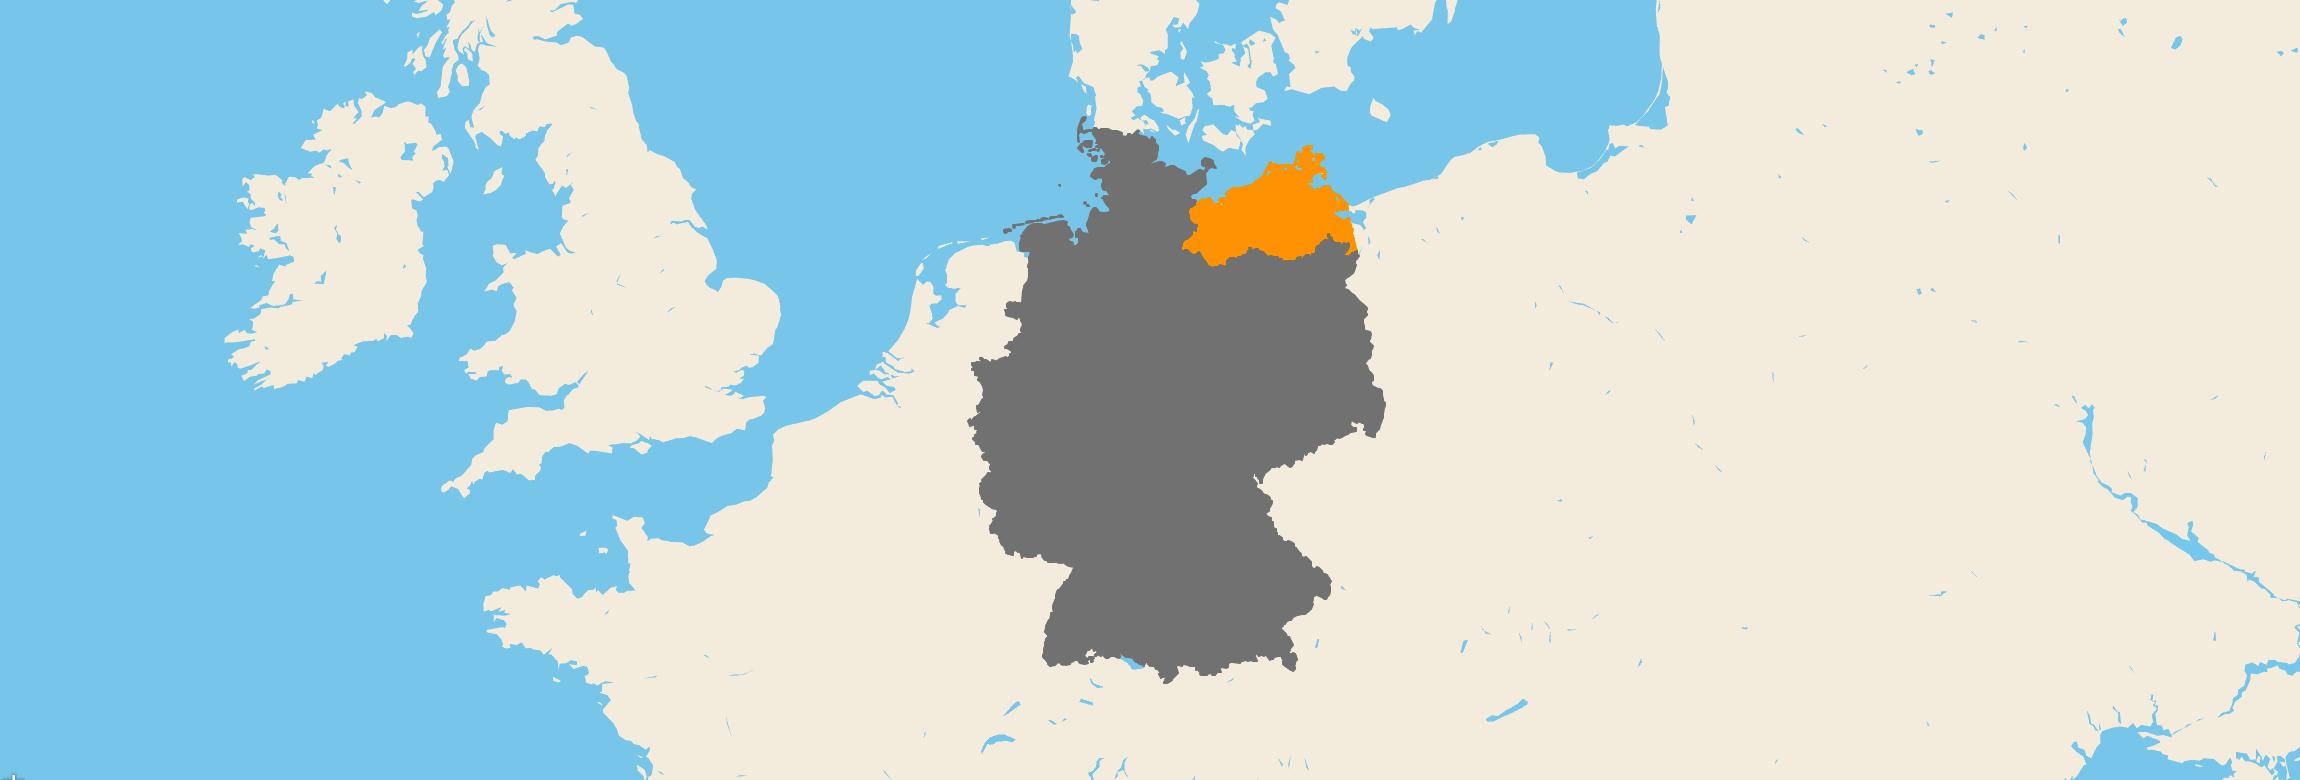 Mecklenburg-Vorpommern kartenansicht